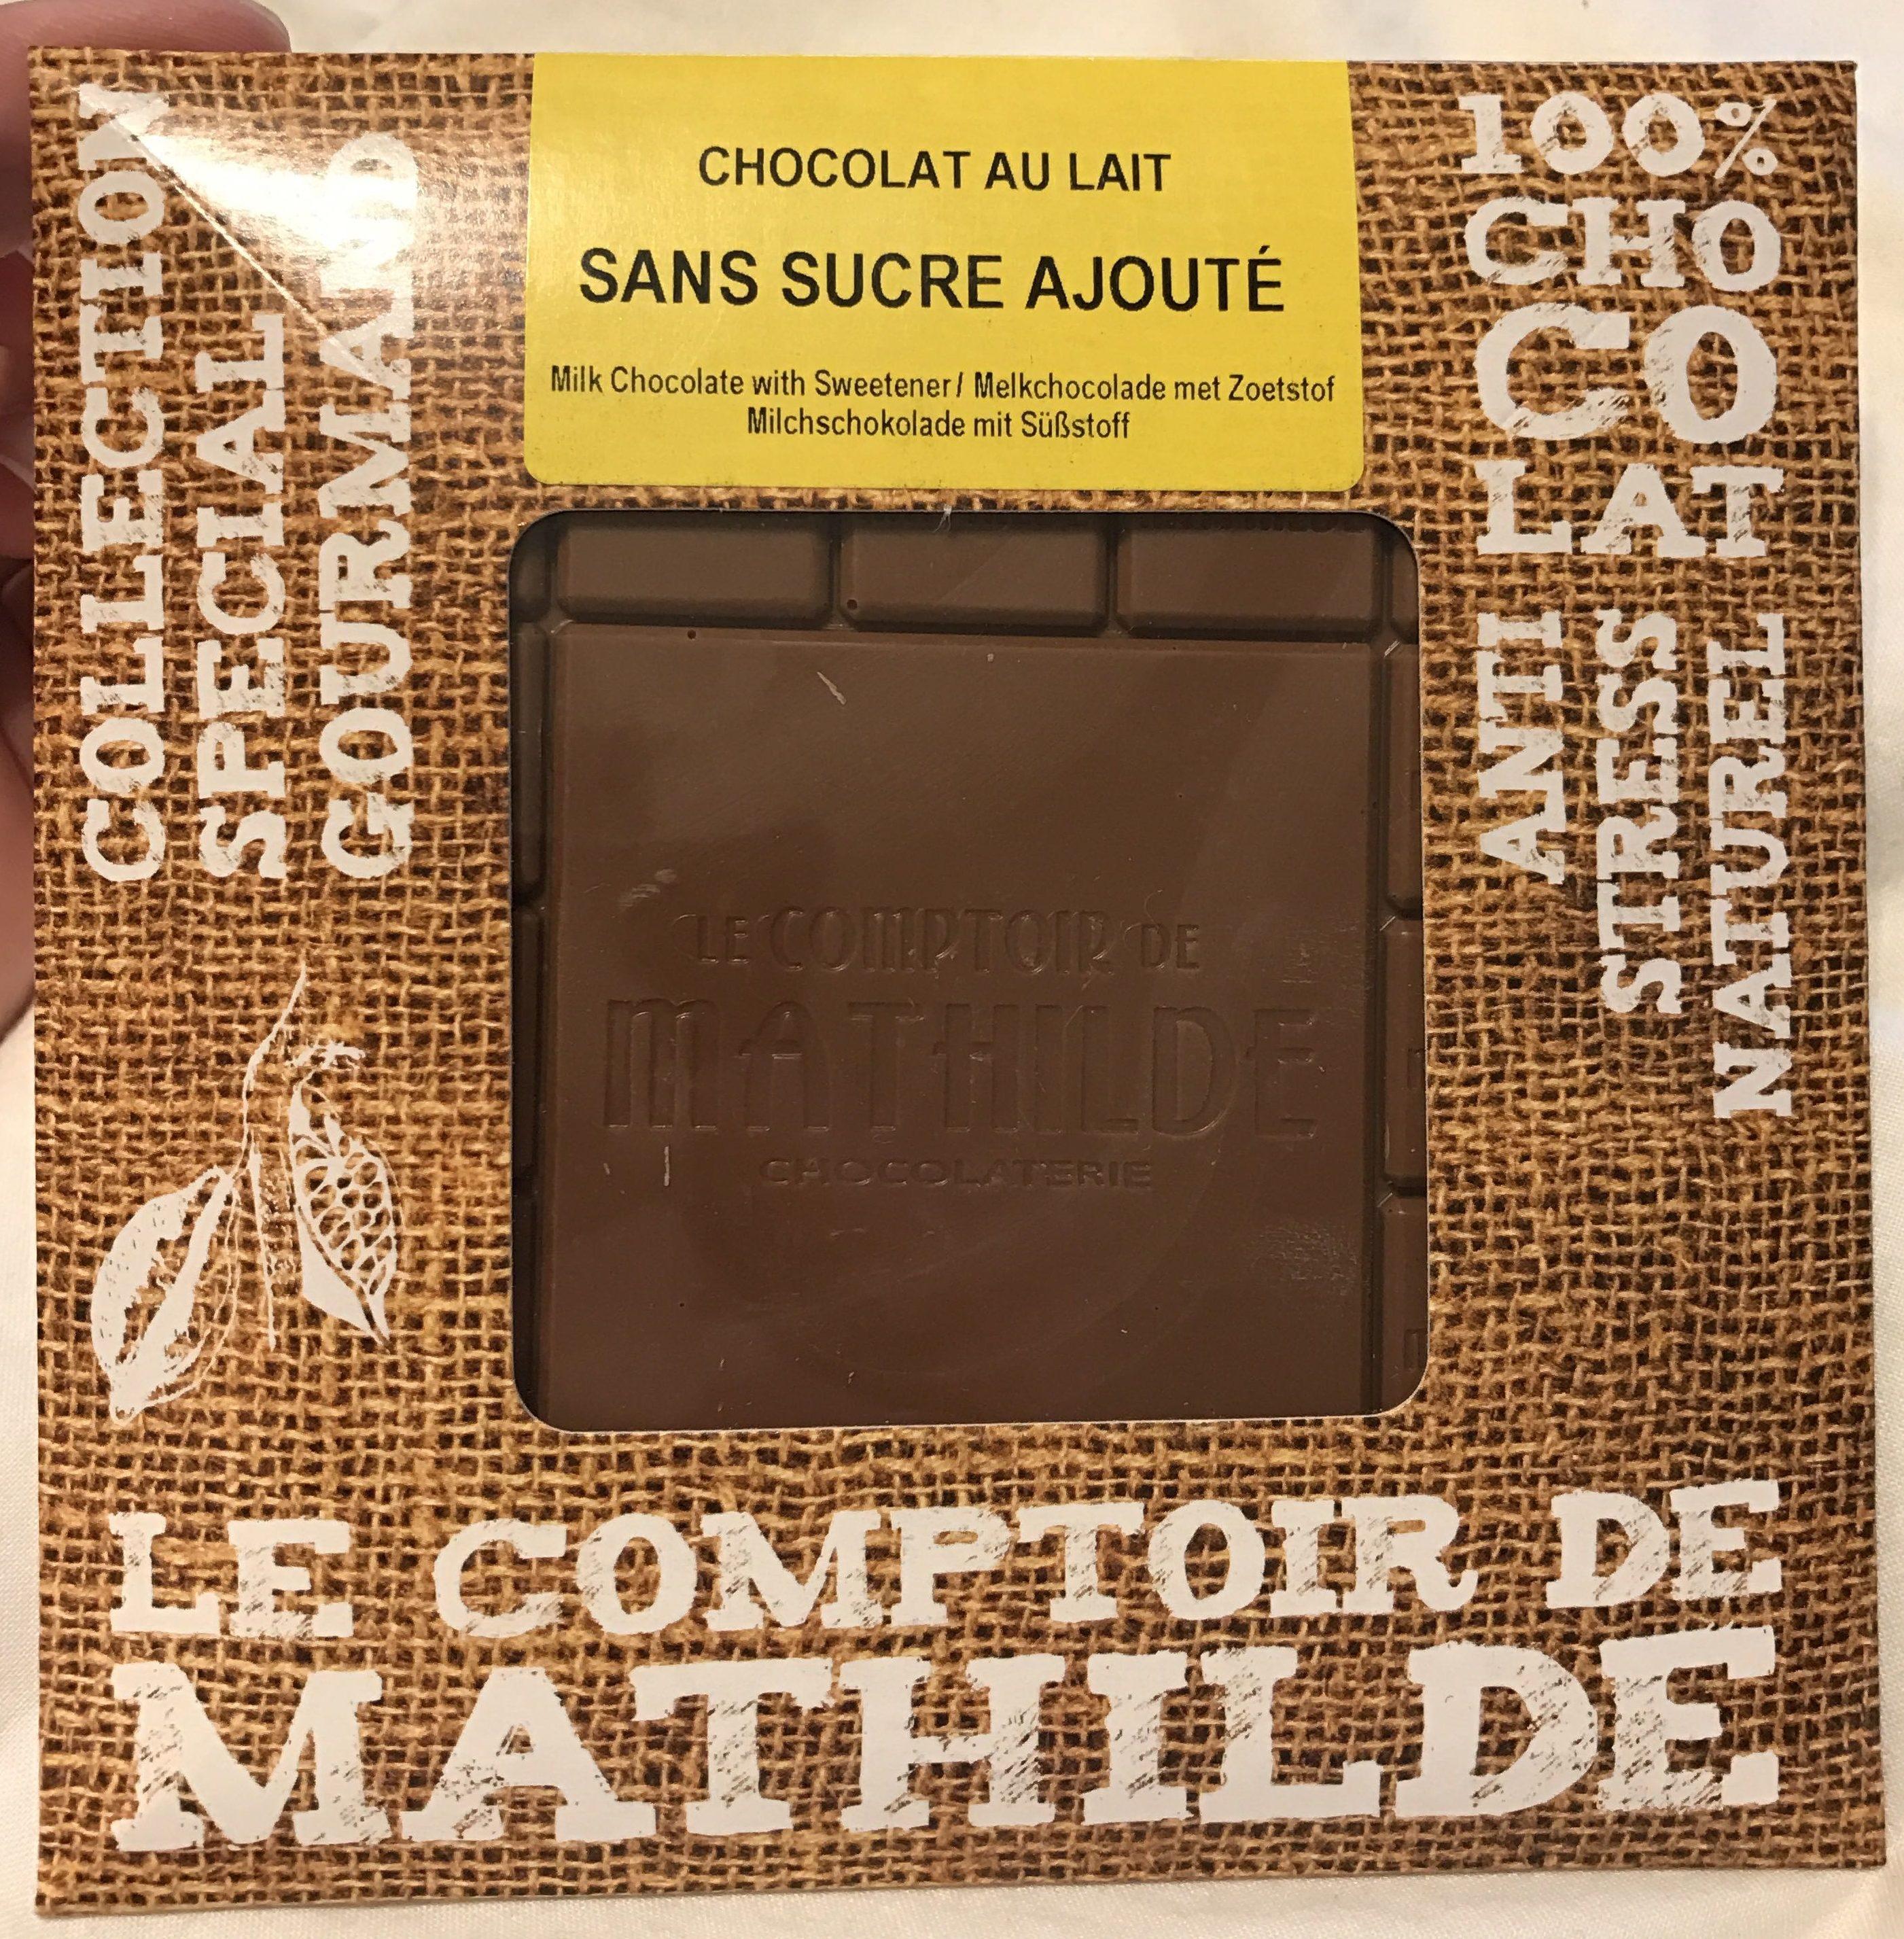 Chocolat au lait sans sucre ajouté - Produit - fr